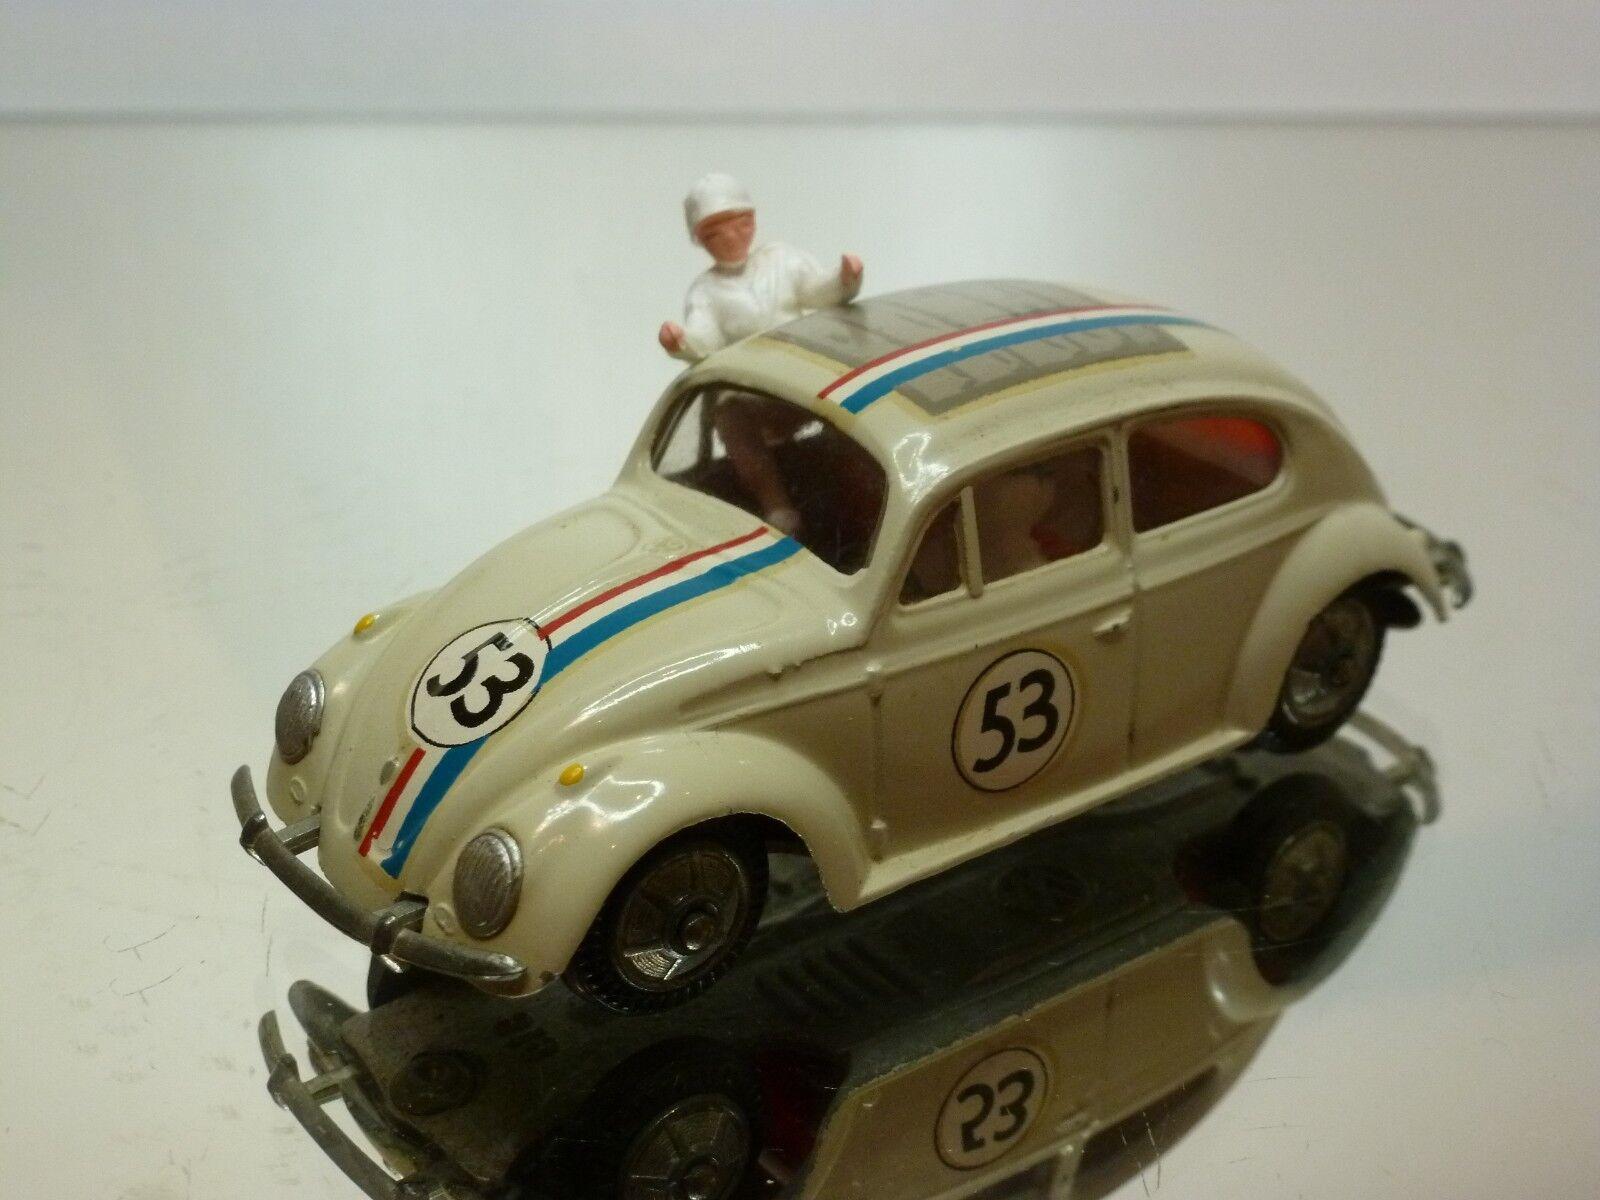 TEKNO DENMARK 819 VW VOLKSWAGEN BEETLE HERBIE - 1 43 - EXCELLENT CONDITION